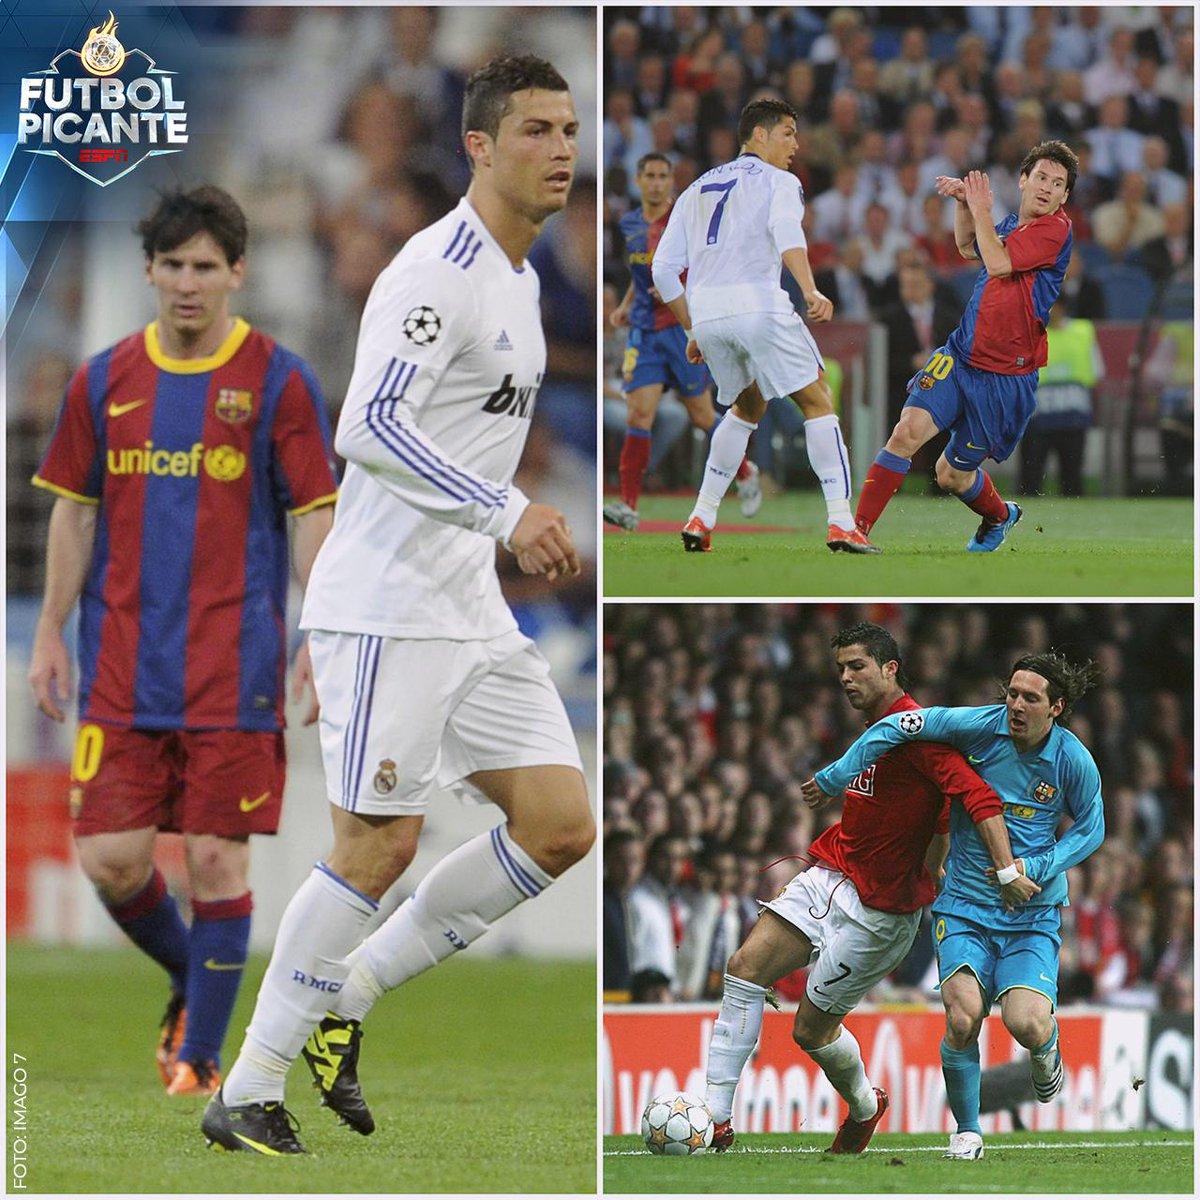 Futbol Picante's photo on Messi vs Cristiano